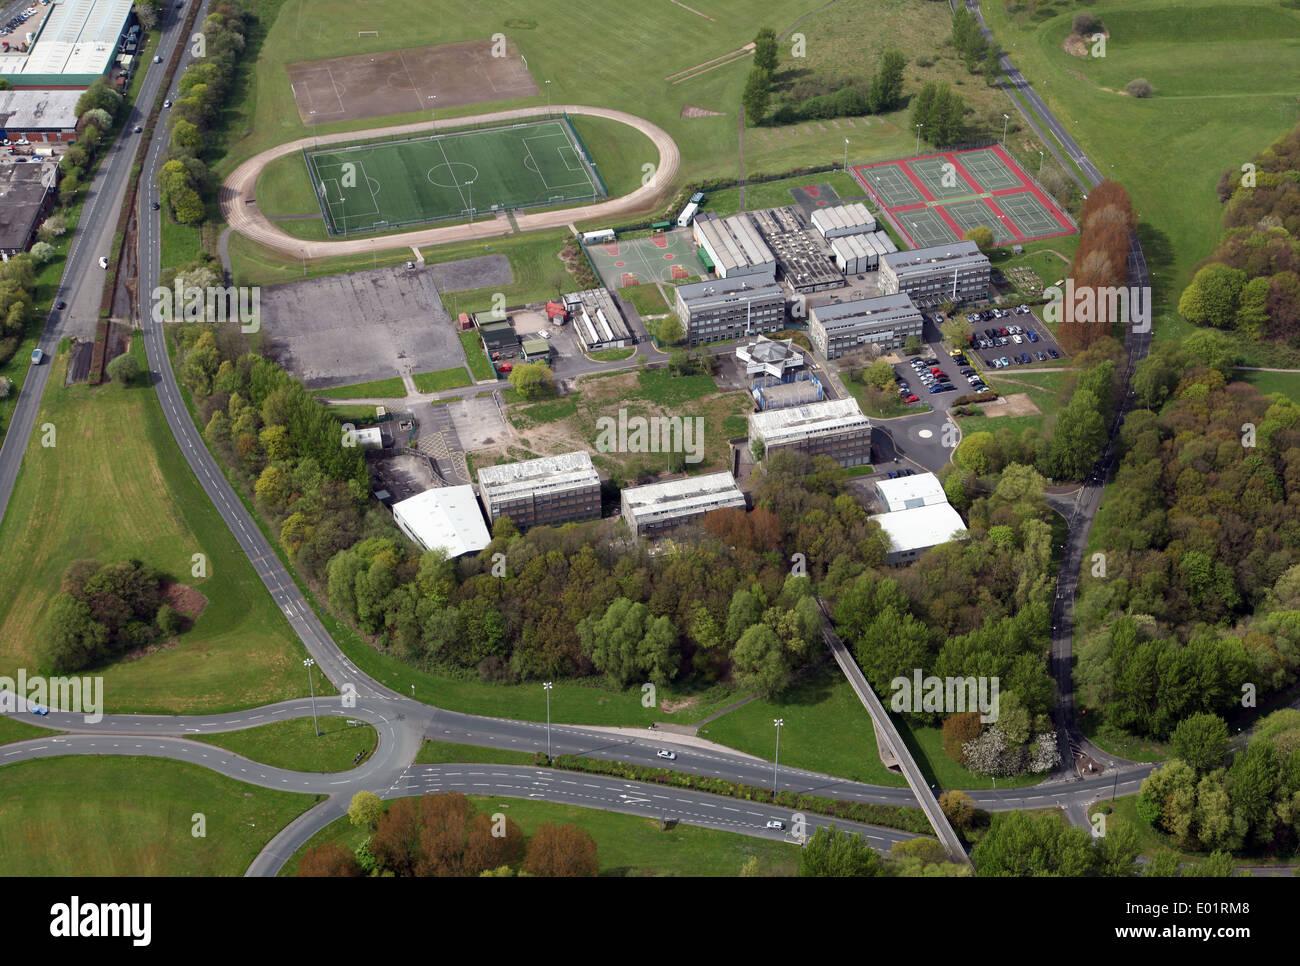 Vista aerea del Glenburn Sports College a Skelmersdale Immagini Stock